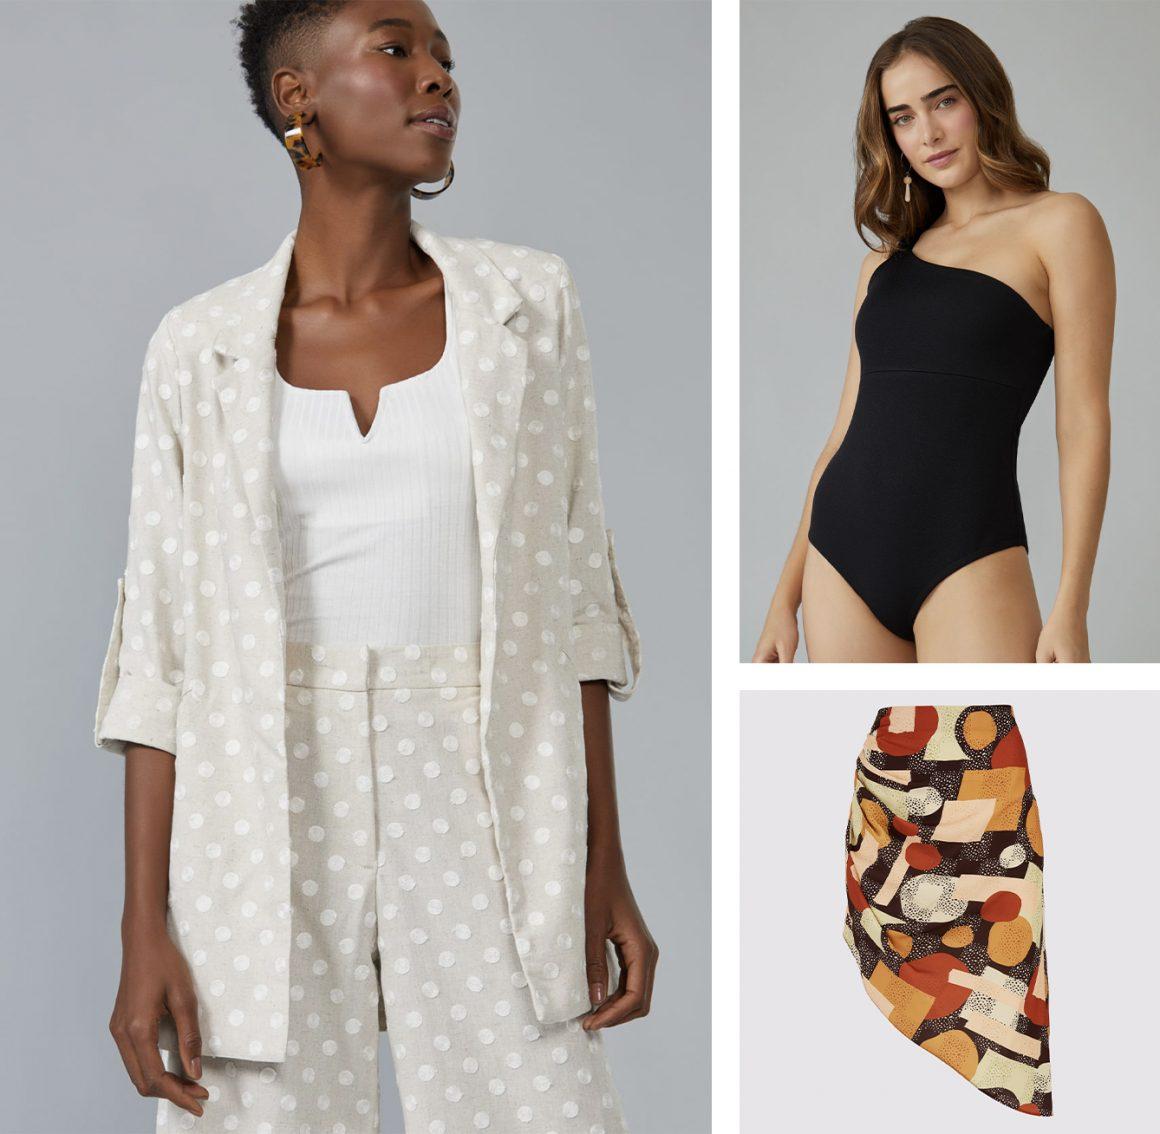 Primeira modelo vestindo blazer viscose poá, segunda modelo vestindo body de malha uma alça e saia midi estampada